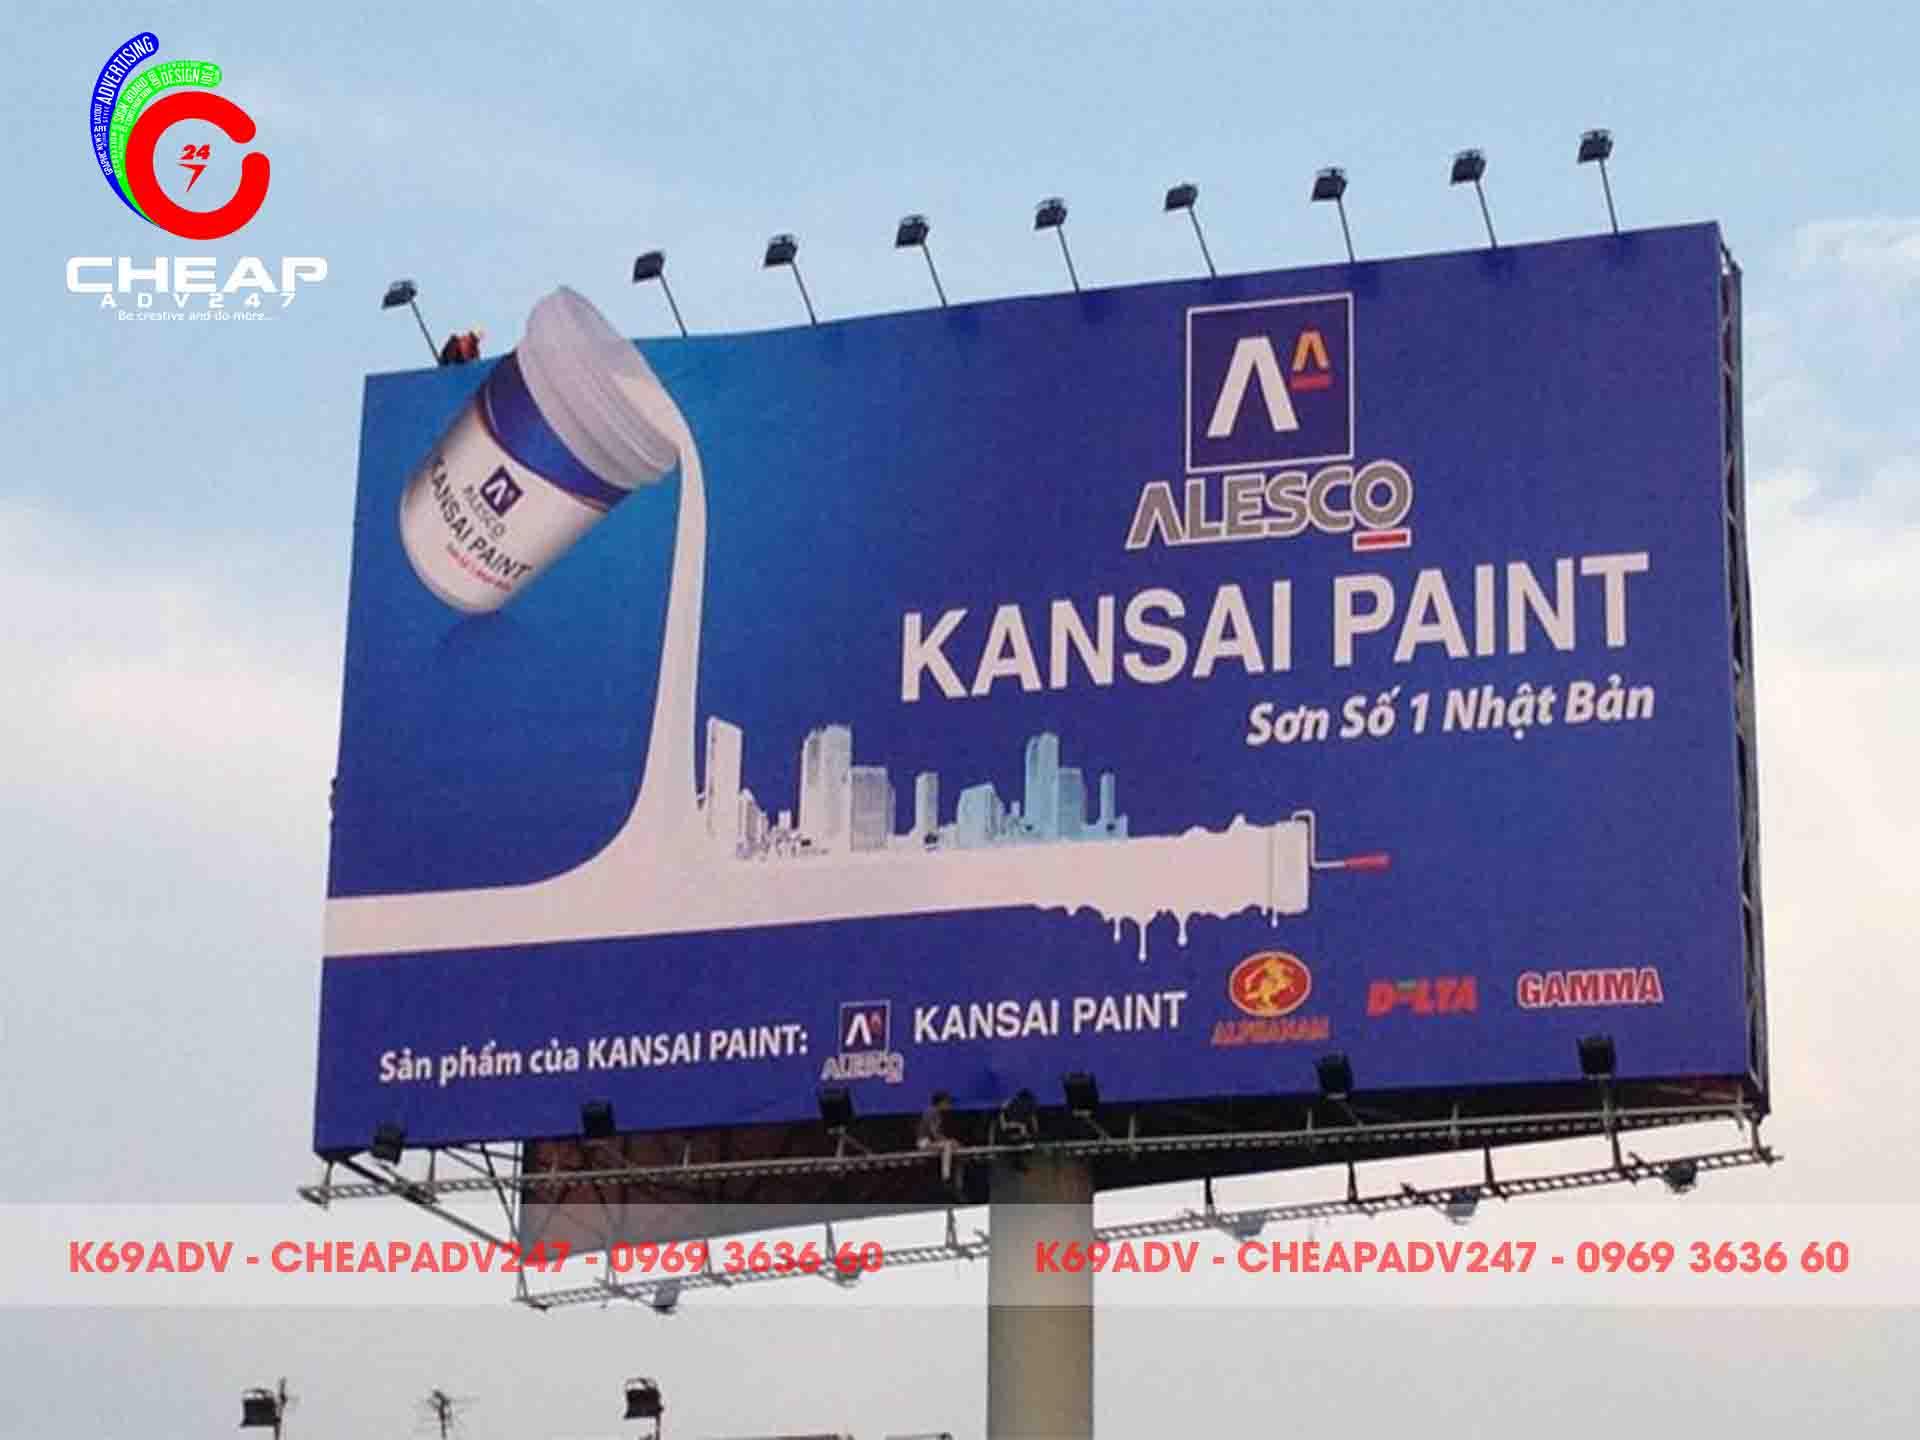 Mẫu bảng hiệu PANO ngoài trời thương hiệu KANSAI PAINT tại Cheapadv247